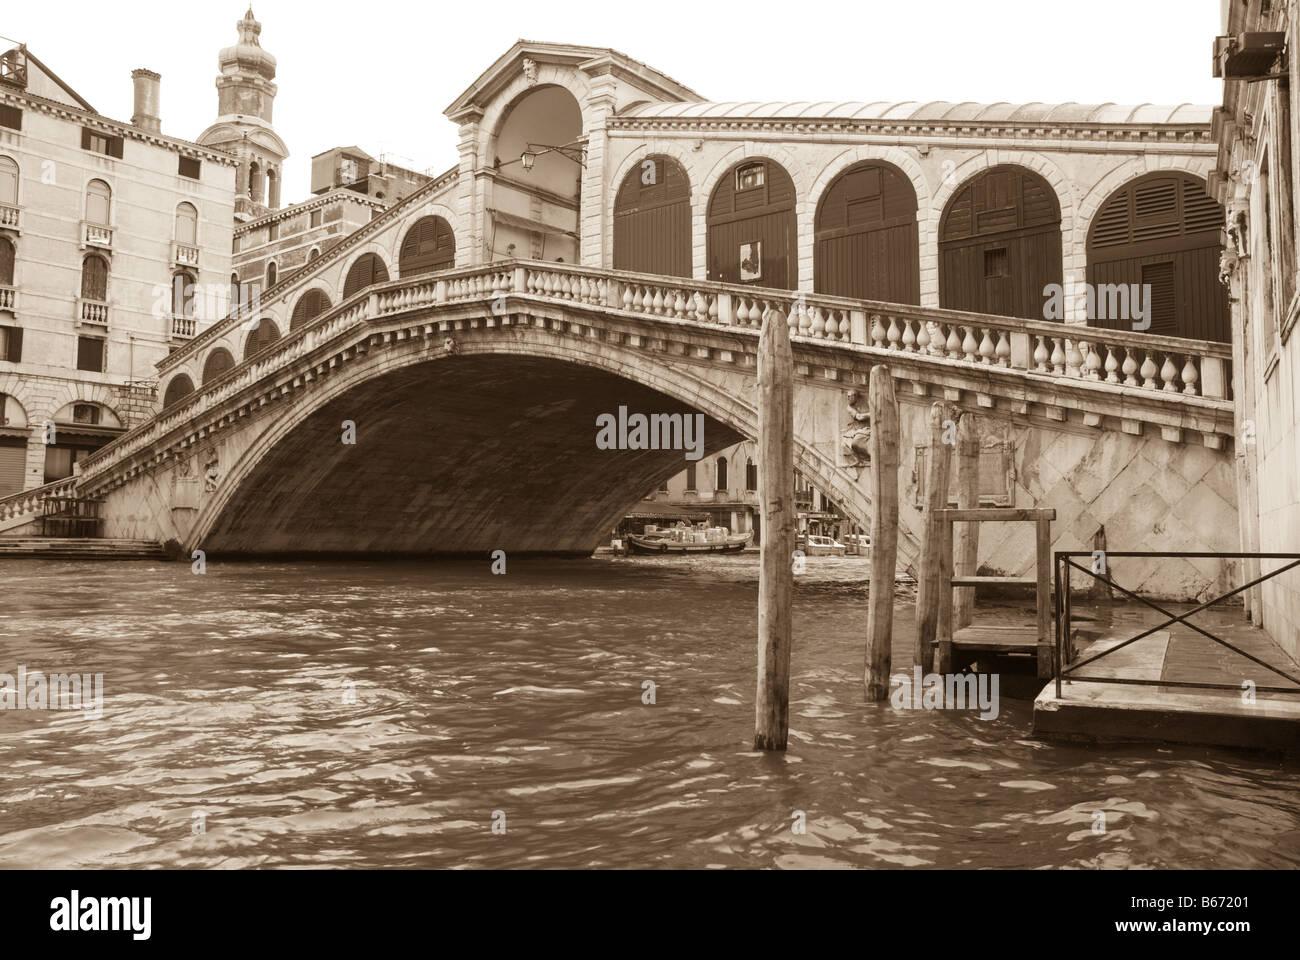 Rialto Bridge, Venice, in sepia tones. - Stock Image